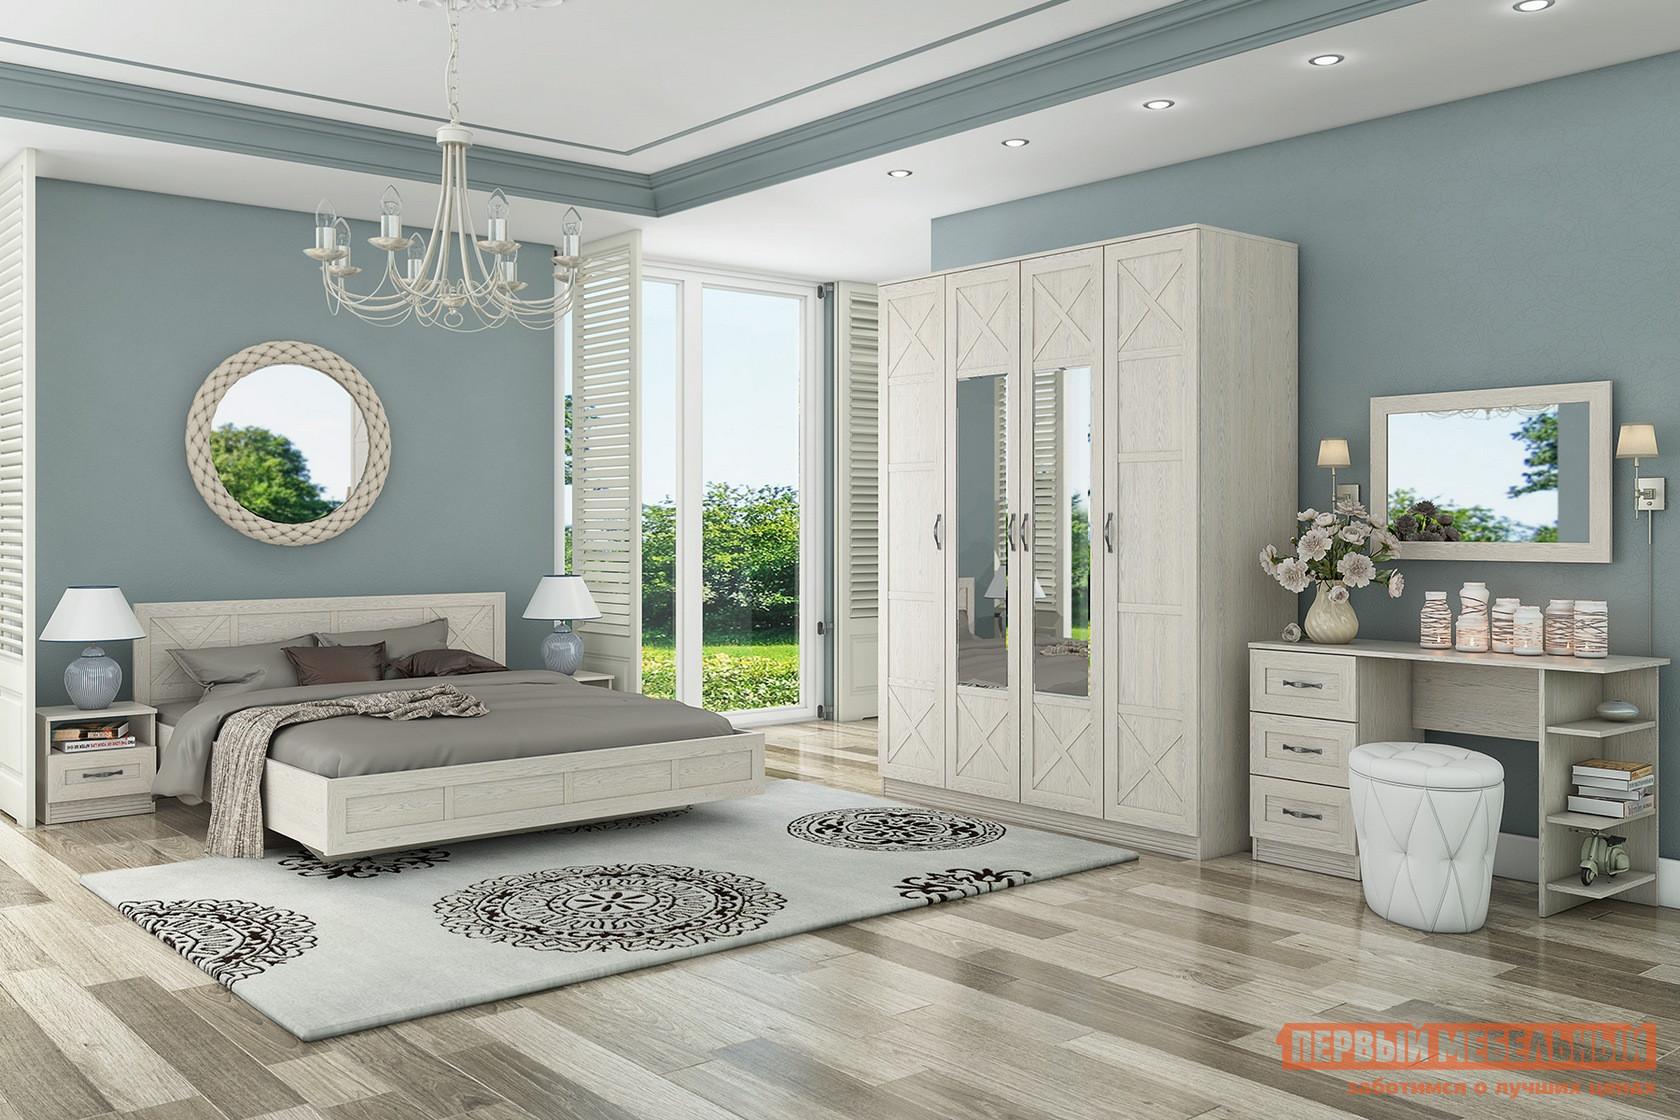 Спальный гарнитур СтолЛайн Лозанна К1 спальный гарнитур трия саванна к1